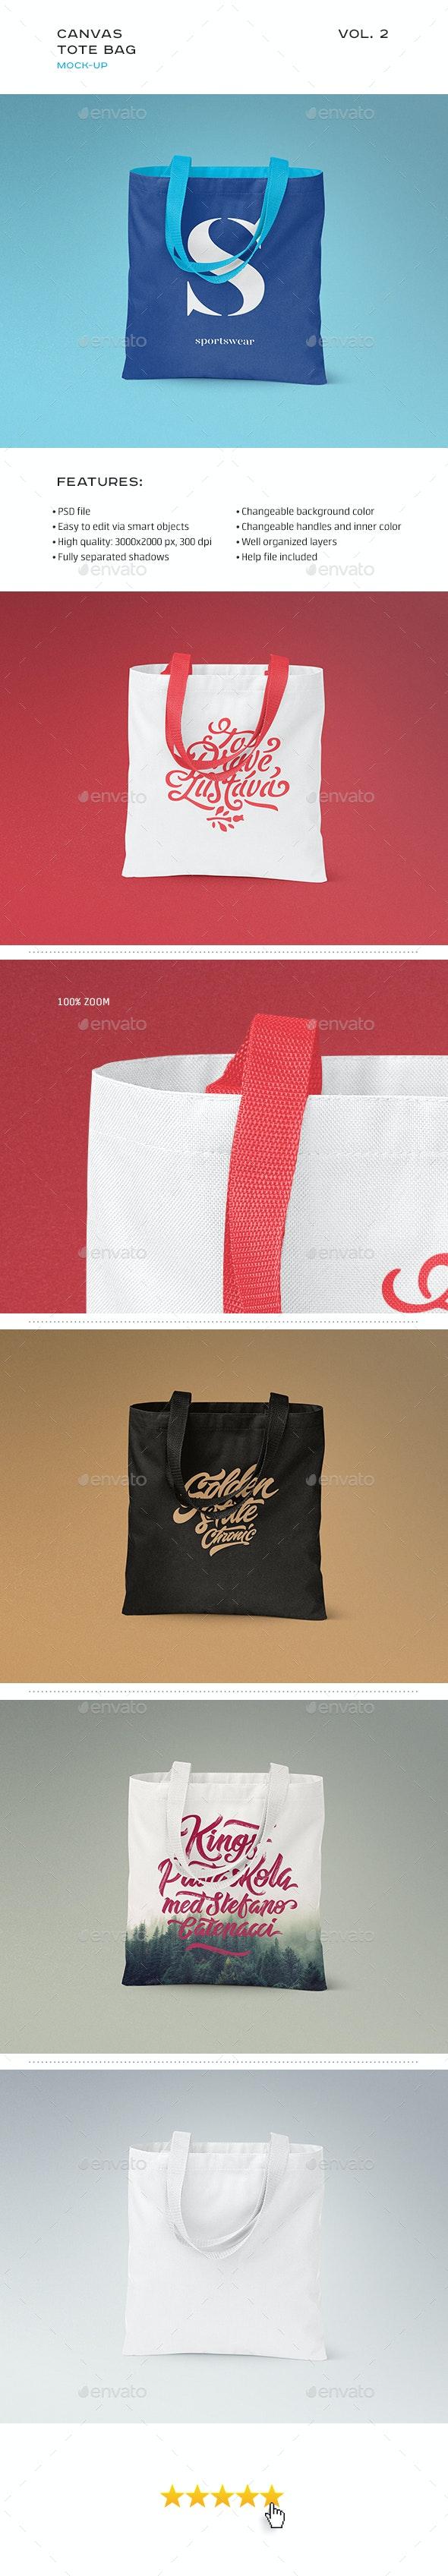 Canvas Tote Bag Mock-up Vol. 2 - Product Mock-Ups Graphics